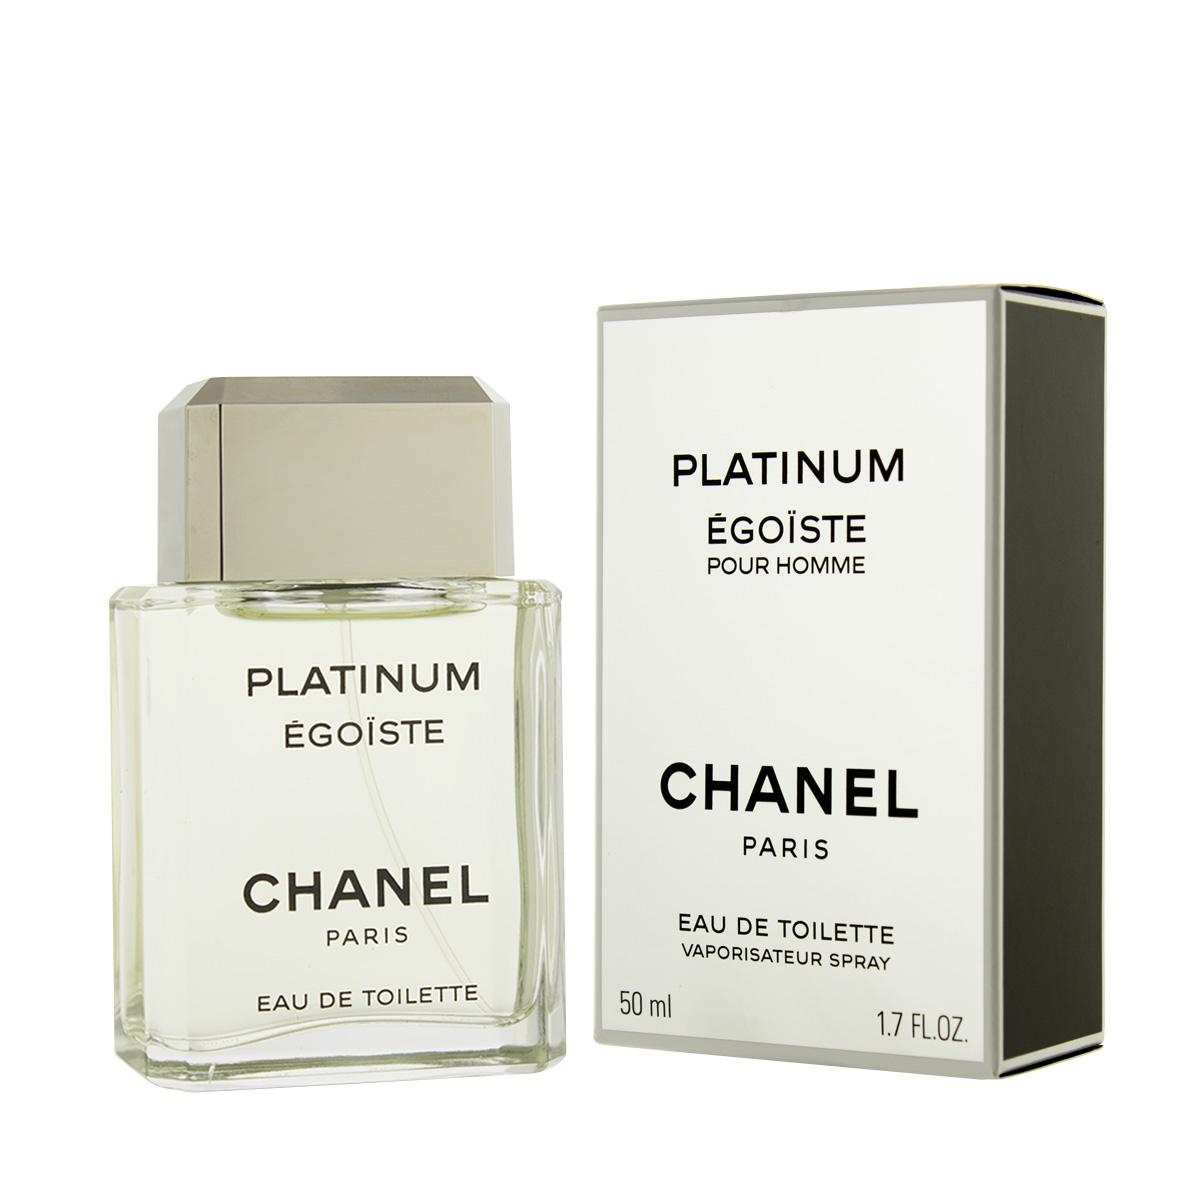 Chanel Egoiste Platinum Pour Homme EDT 50 ml M